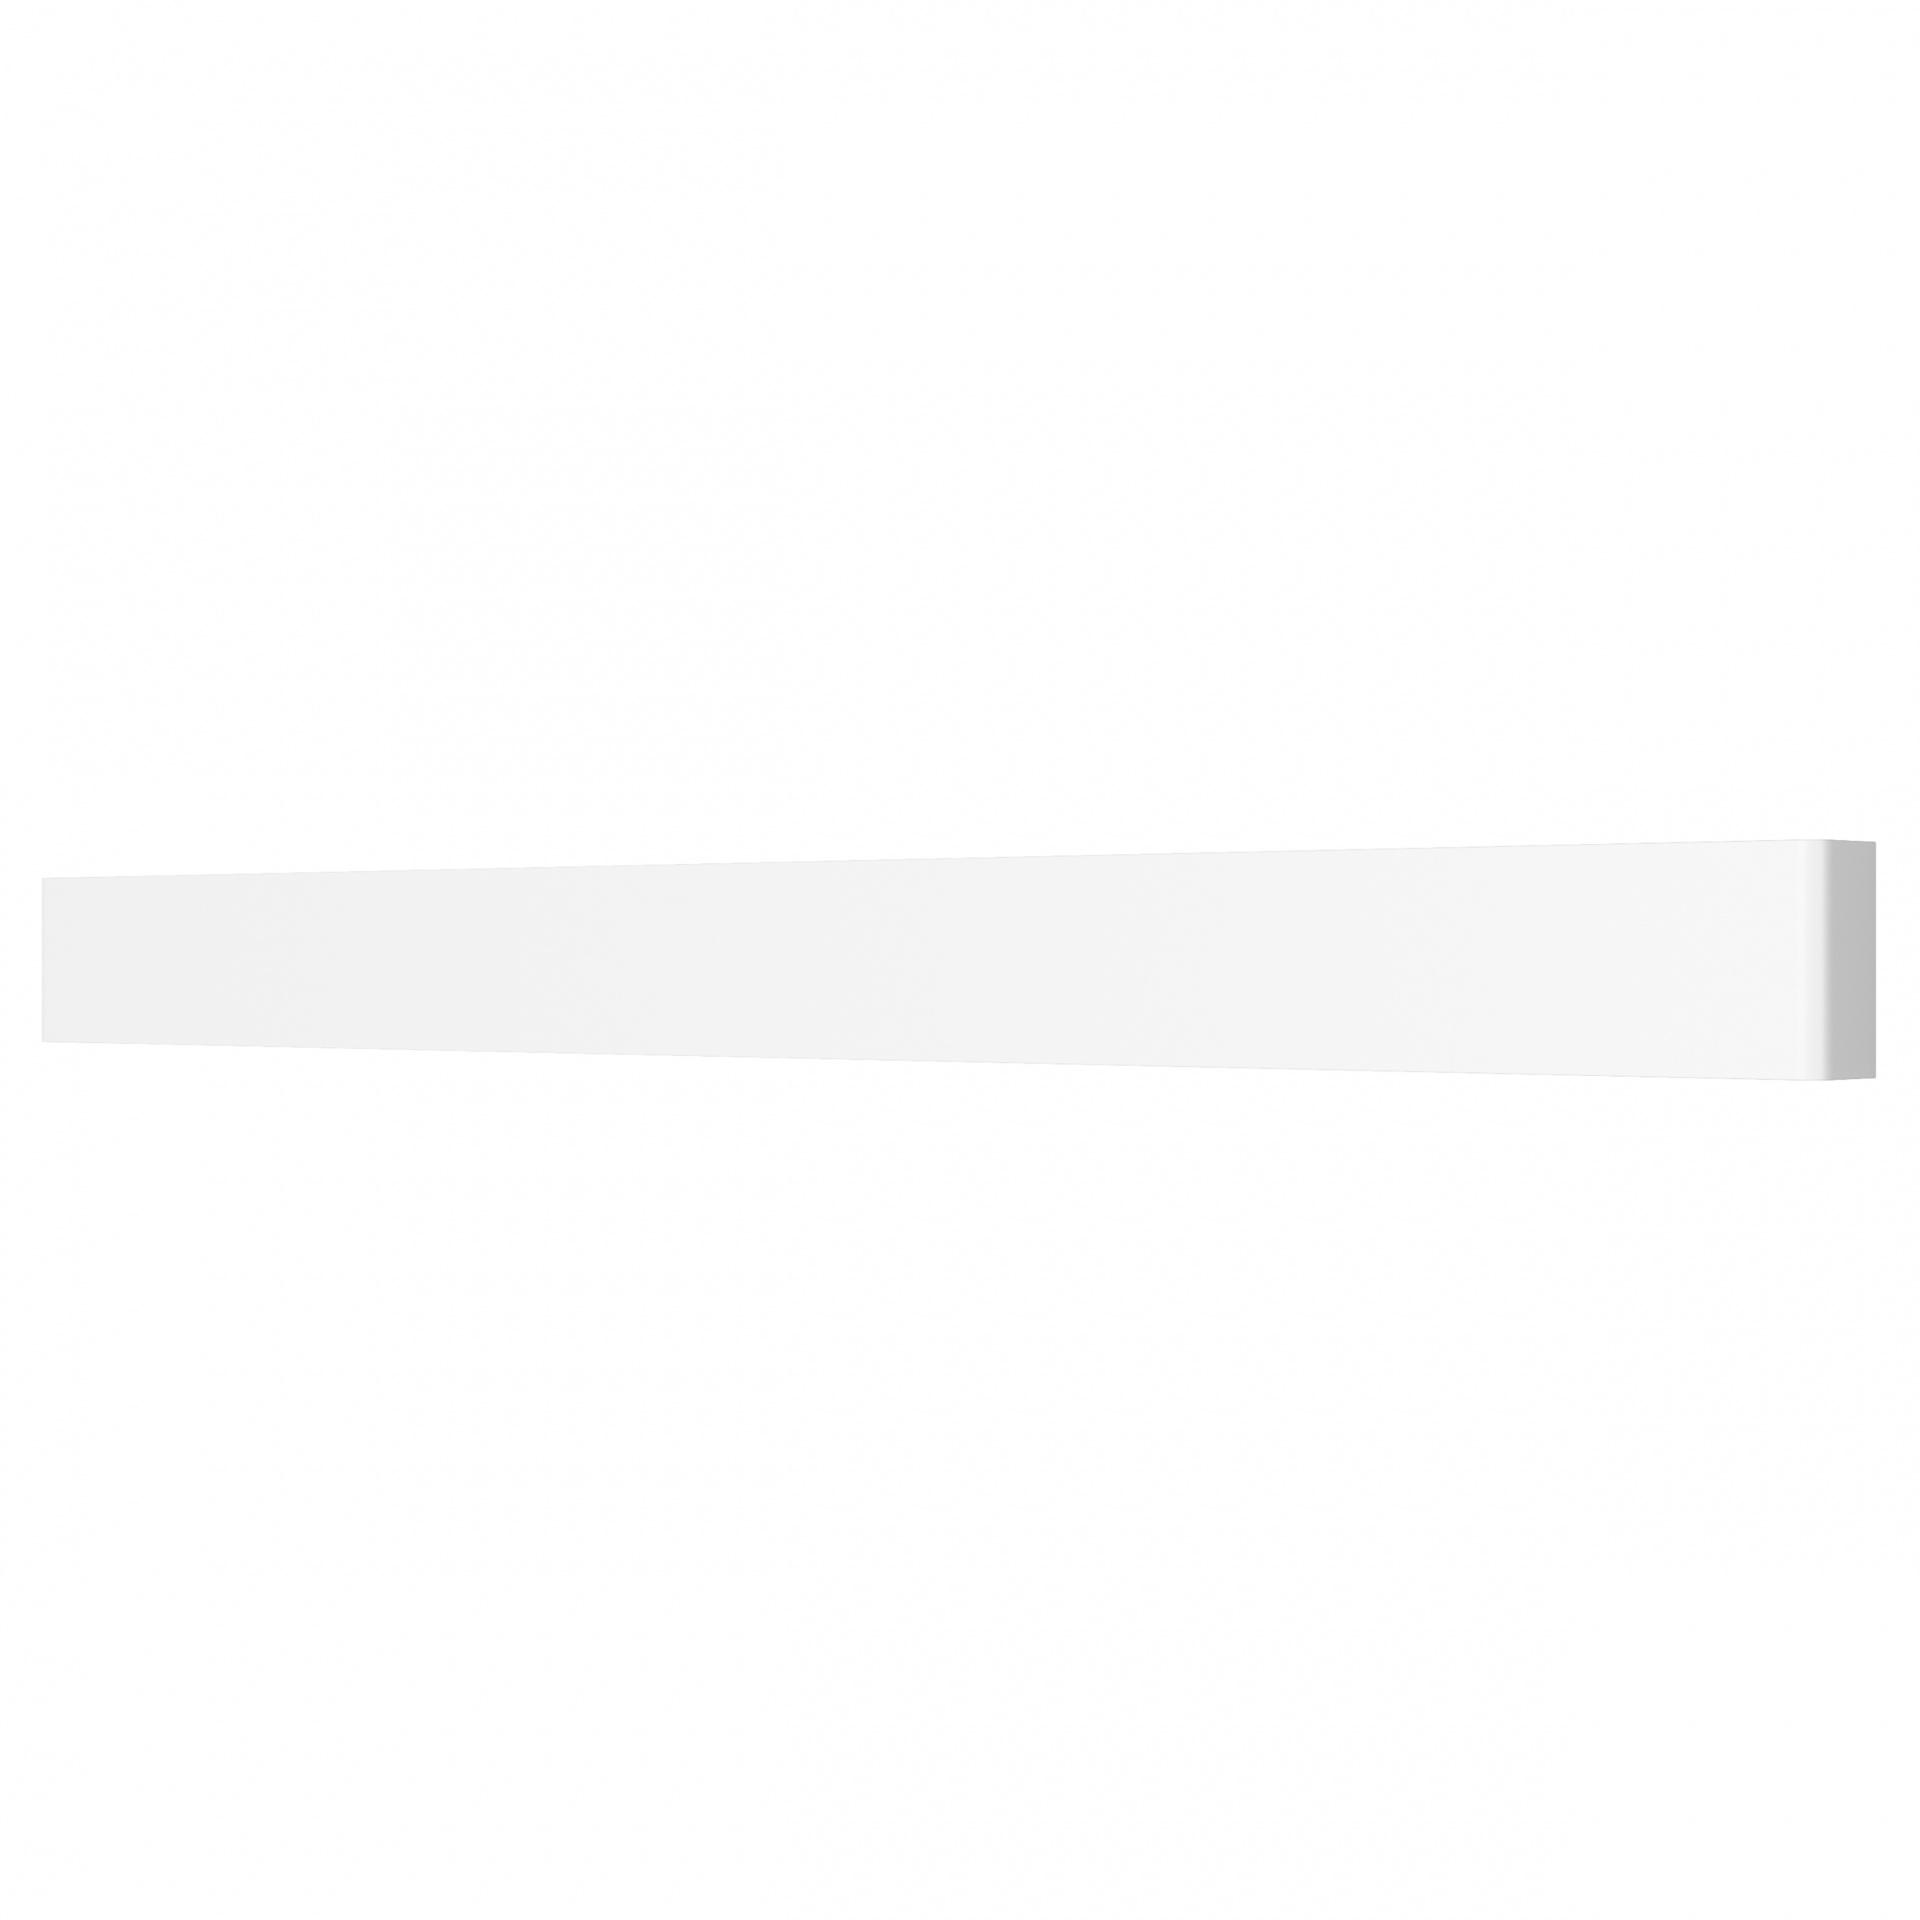 Бра Fiume 30W 2850LM матовый белый 4000K Lightstar 810636, купить в СПб, Москве, с доставкой, Санкт-Петербург, интернет-магазин люстр и светильников Starlight, фото в жизни